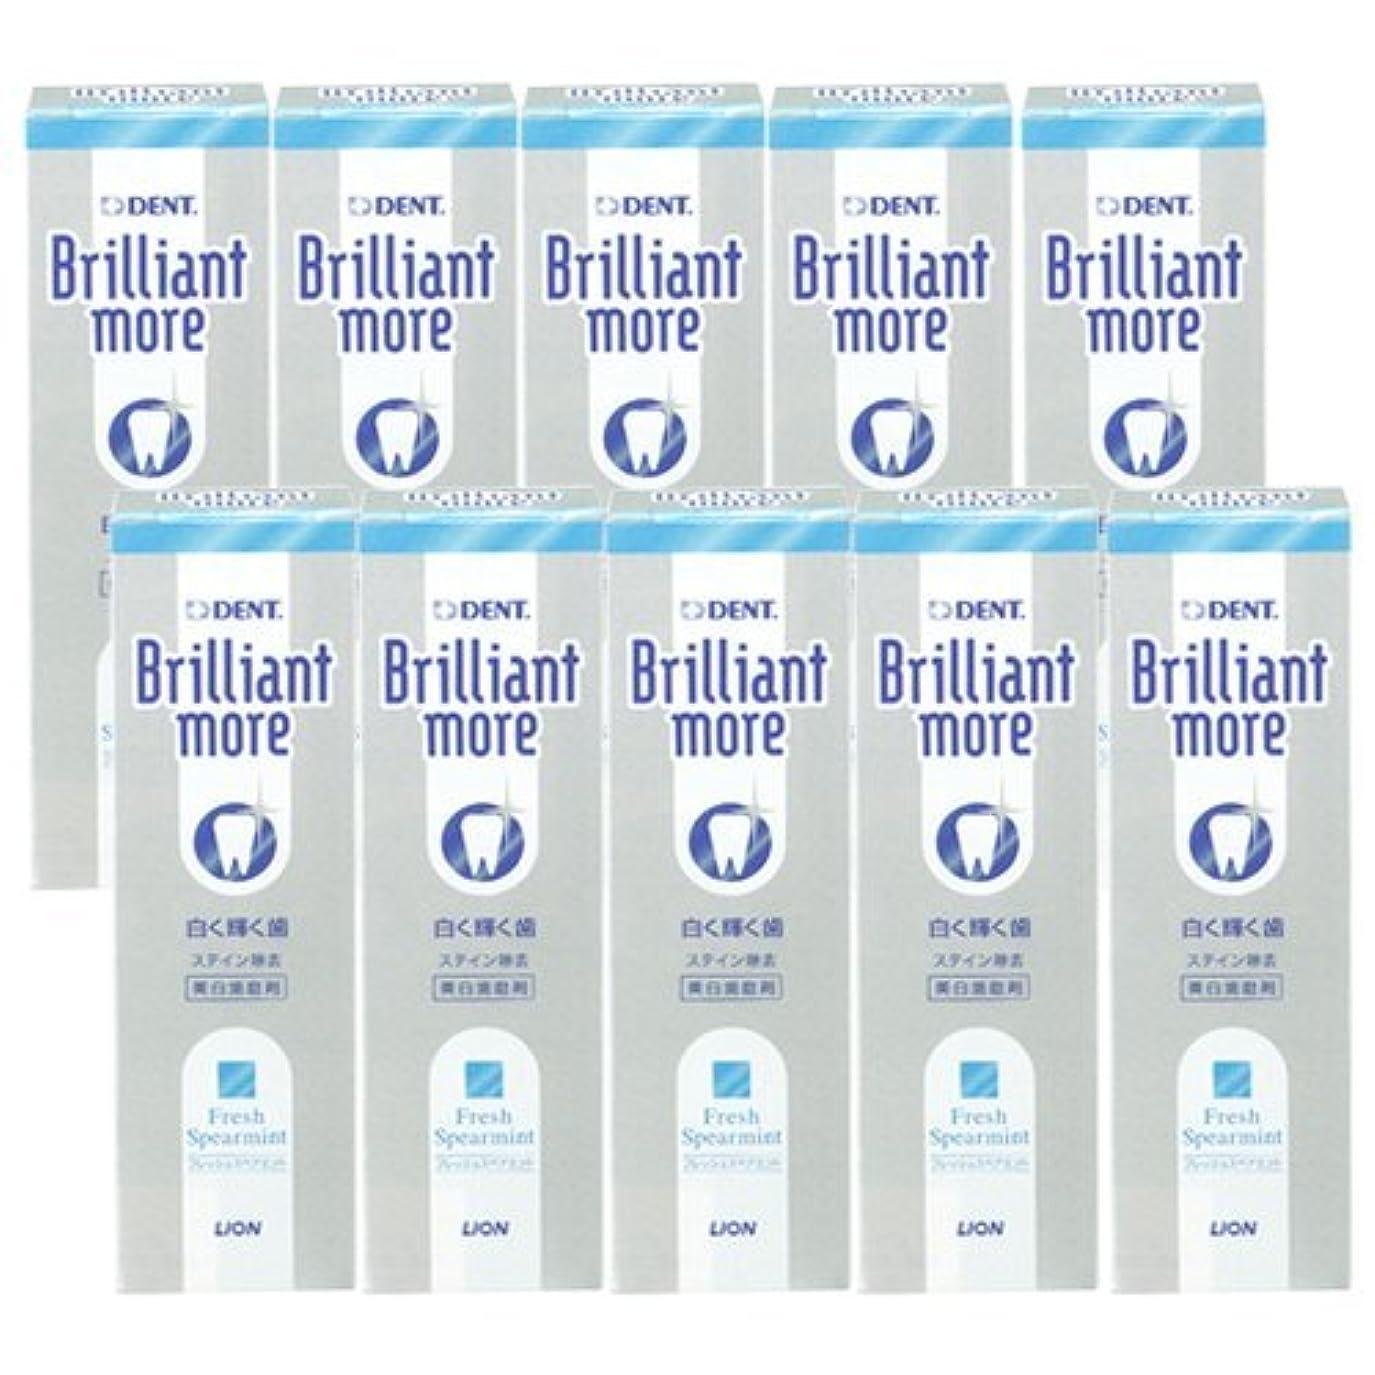 理論的独占ヘッジライオン ブリリアントモア フレッシュスペアミント 美白歯磨剤 LION Brilliant more 10本セット